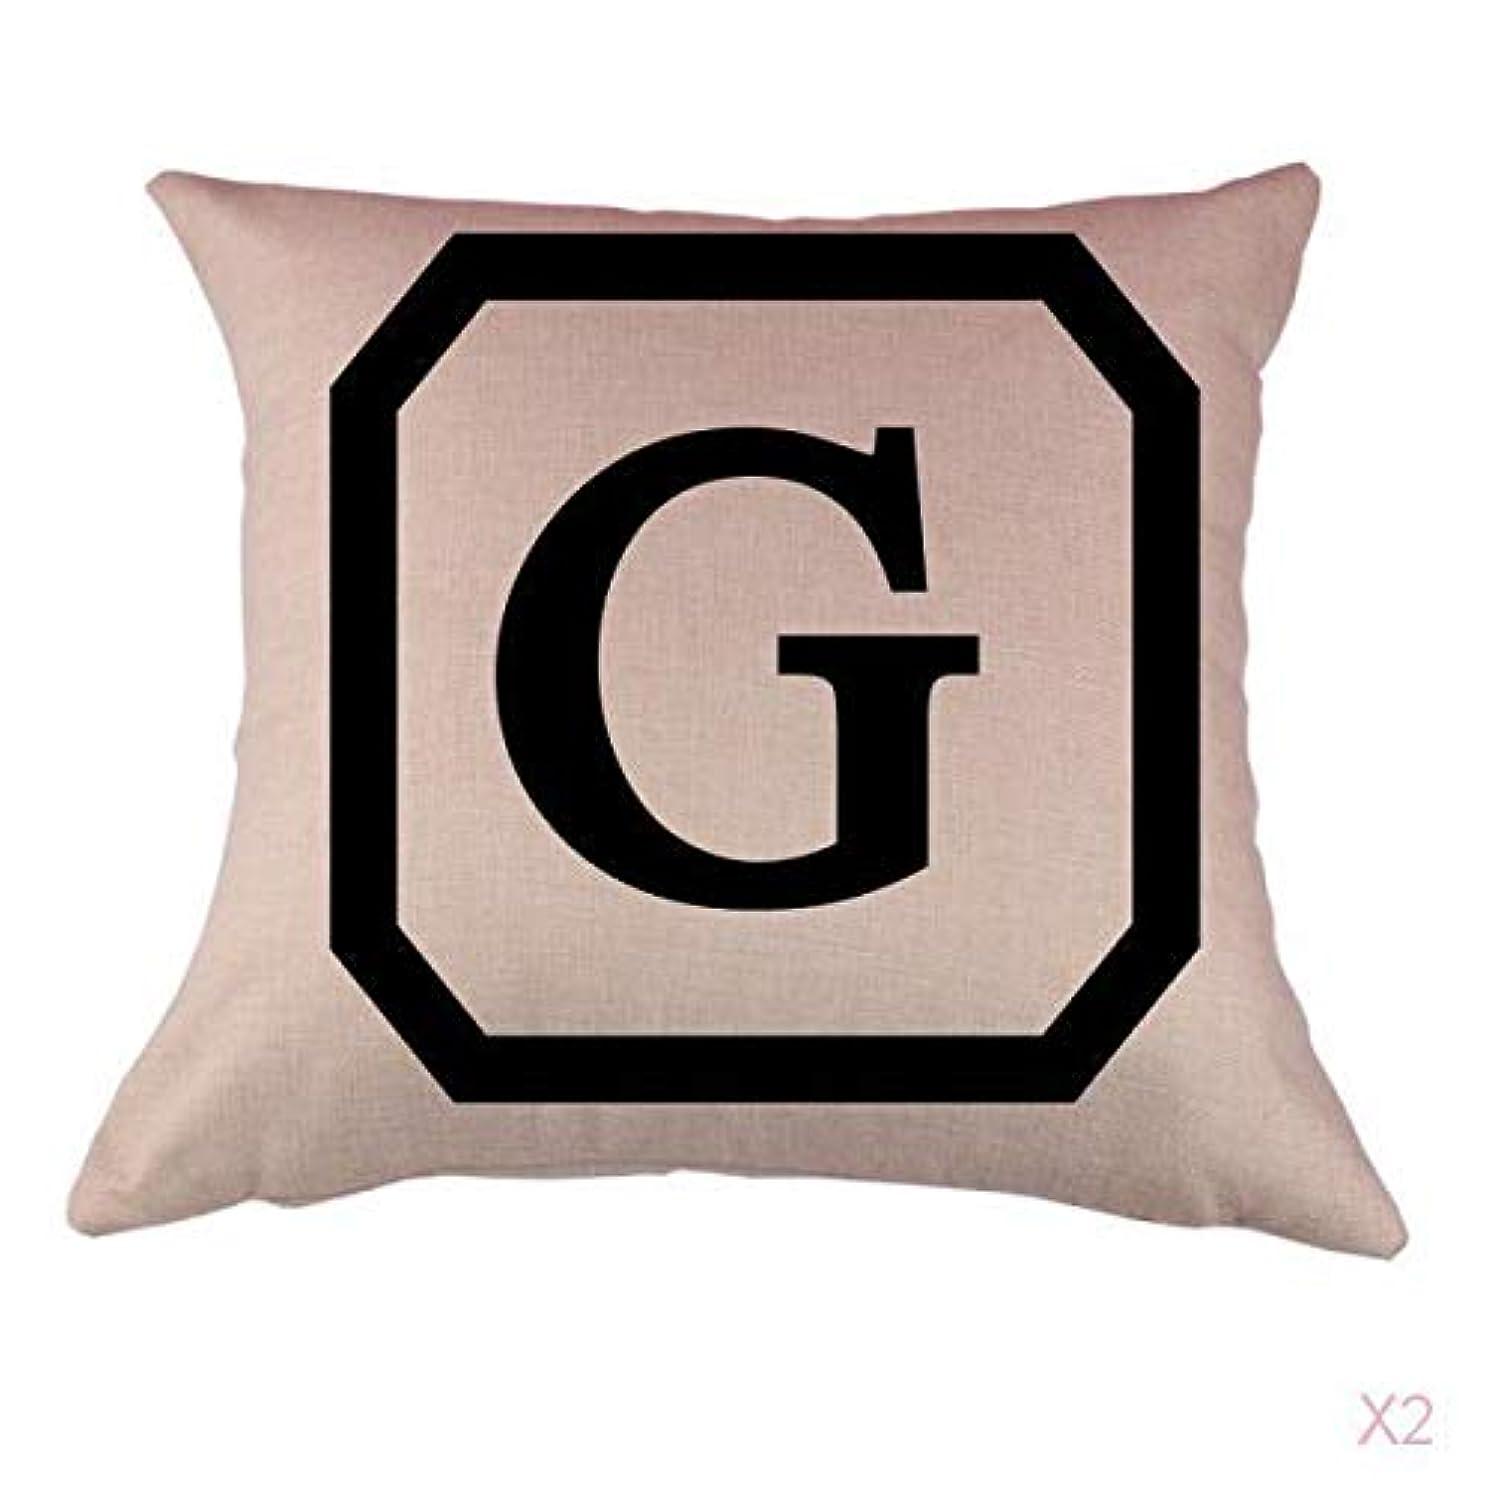 極地枕有罪コットンリネンスロー枕カバークッションカバー家の装飾頭文字グラム